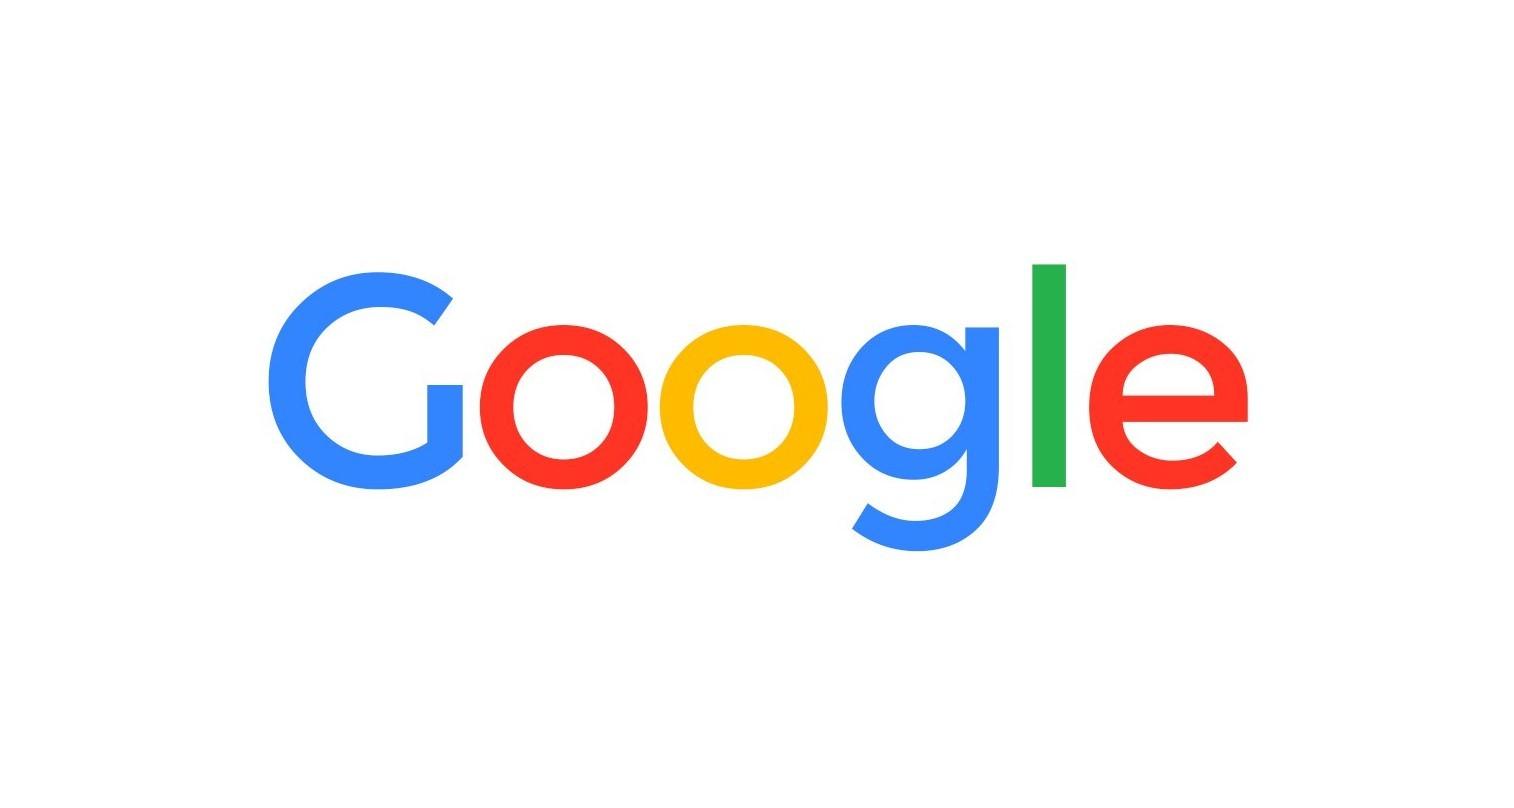 समाचार एजेन्सीहरुलाई १ अर्ब डलर दिने गुगलको घोषणा